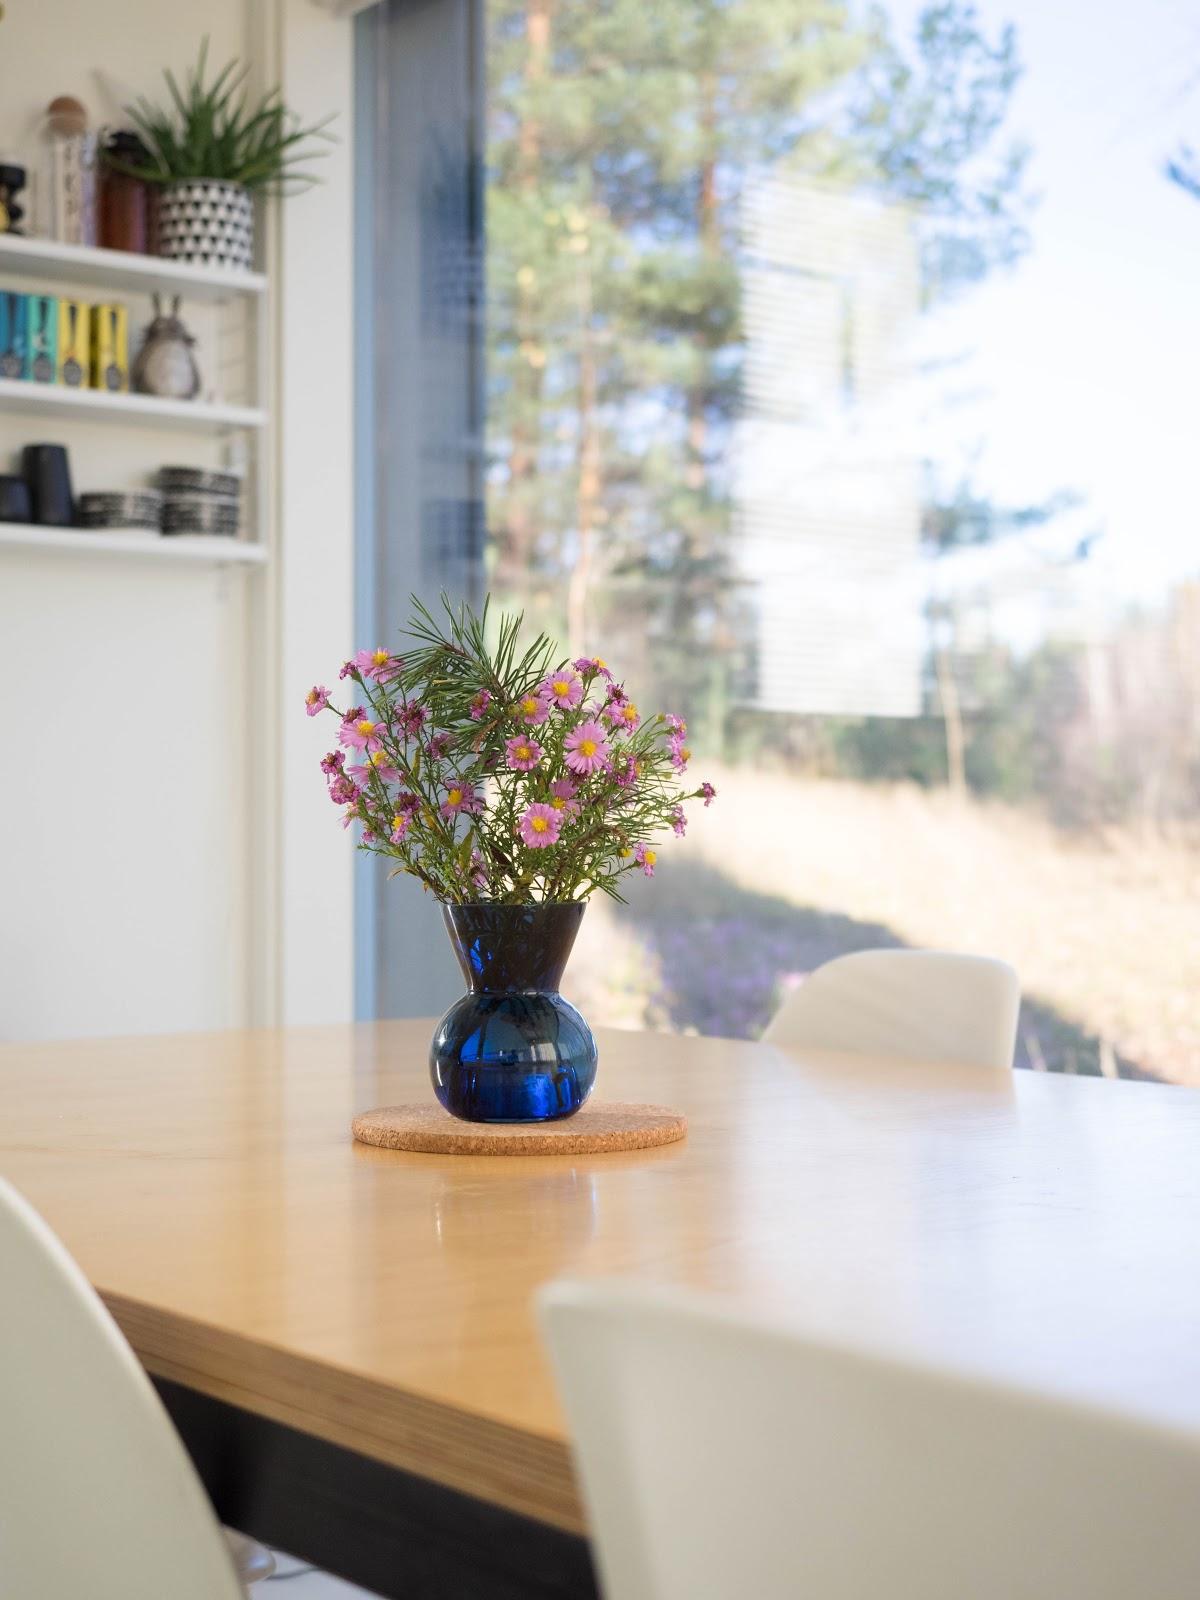 Talostakoti keittiö, kukkia pöydällä